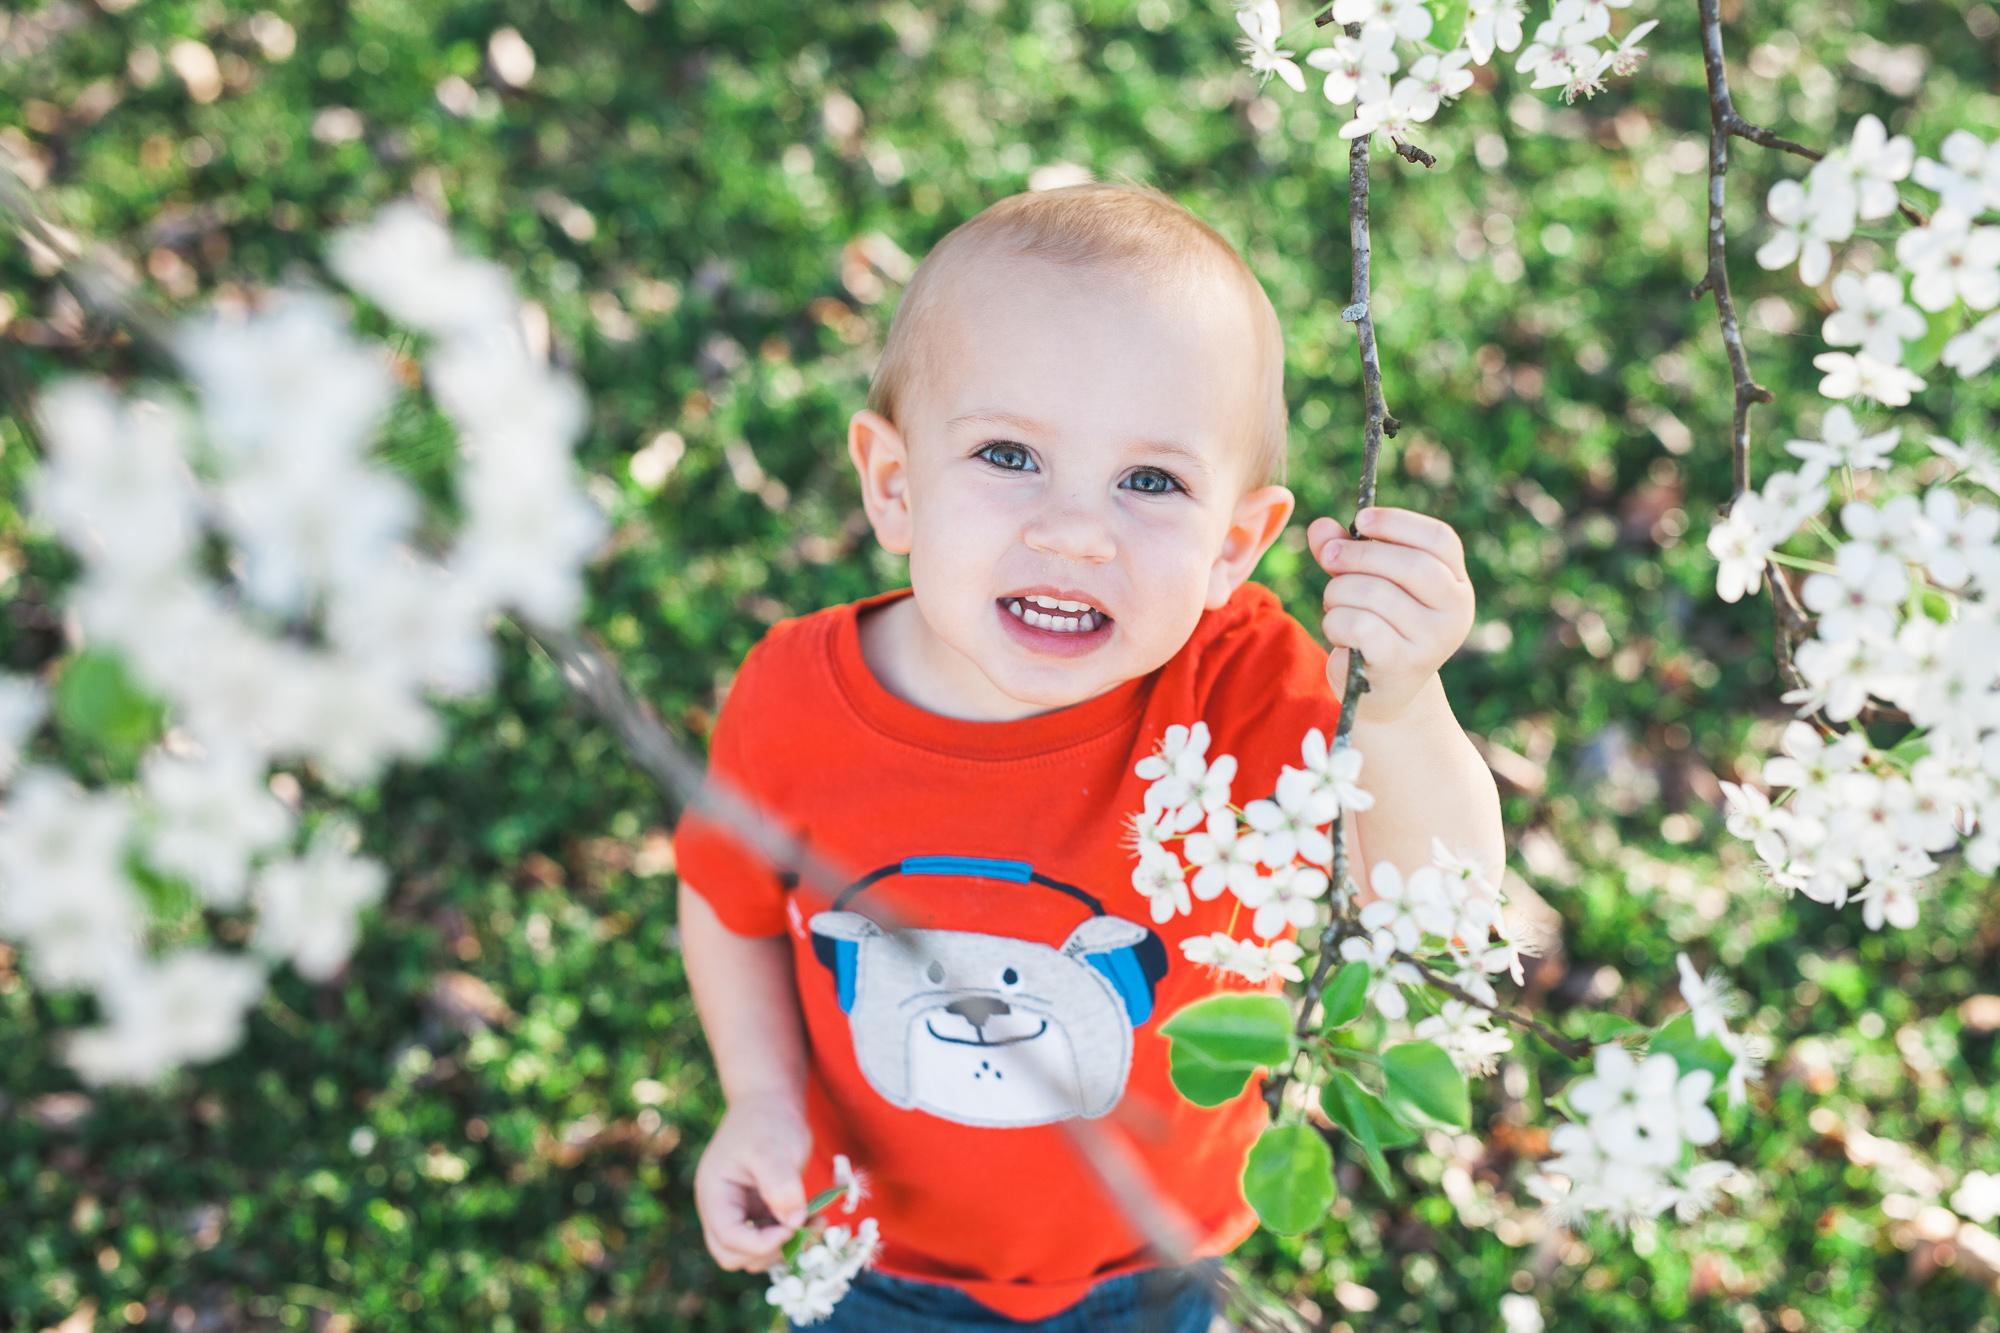 chattanooga-children-family-senior-portrait-photographer-11.jpg